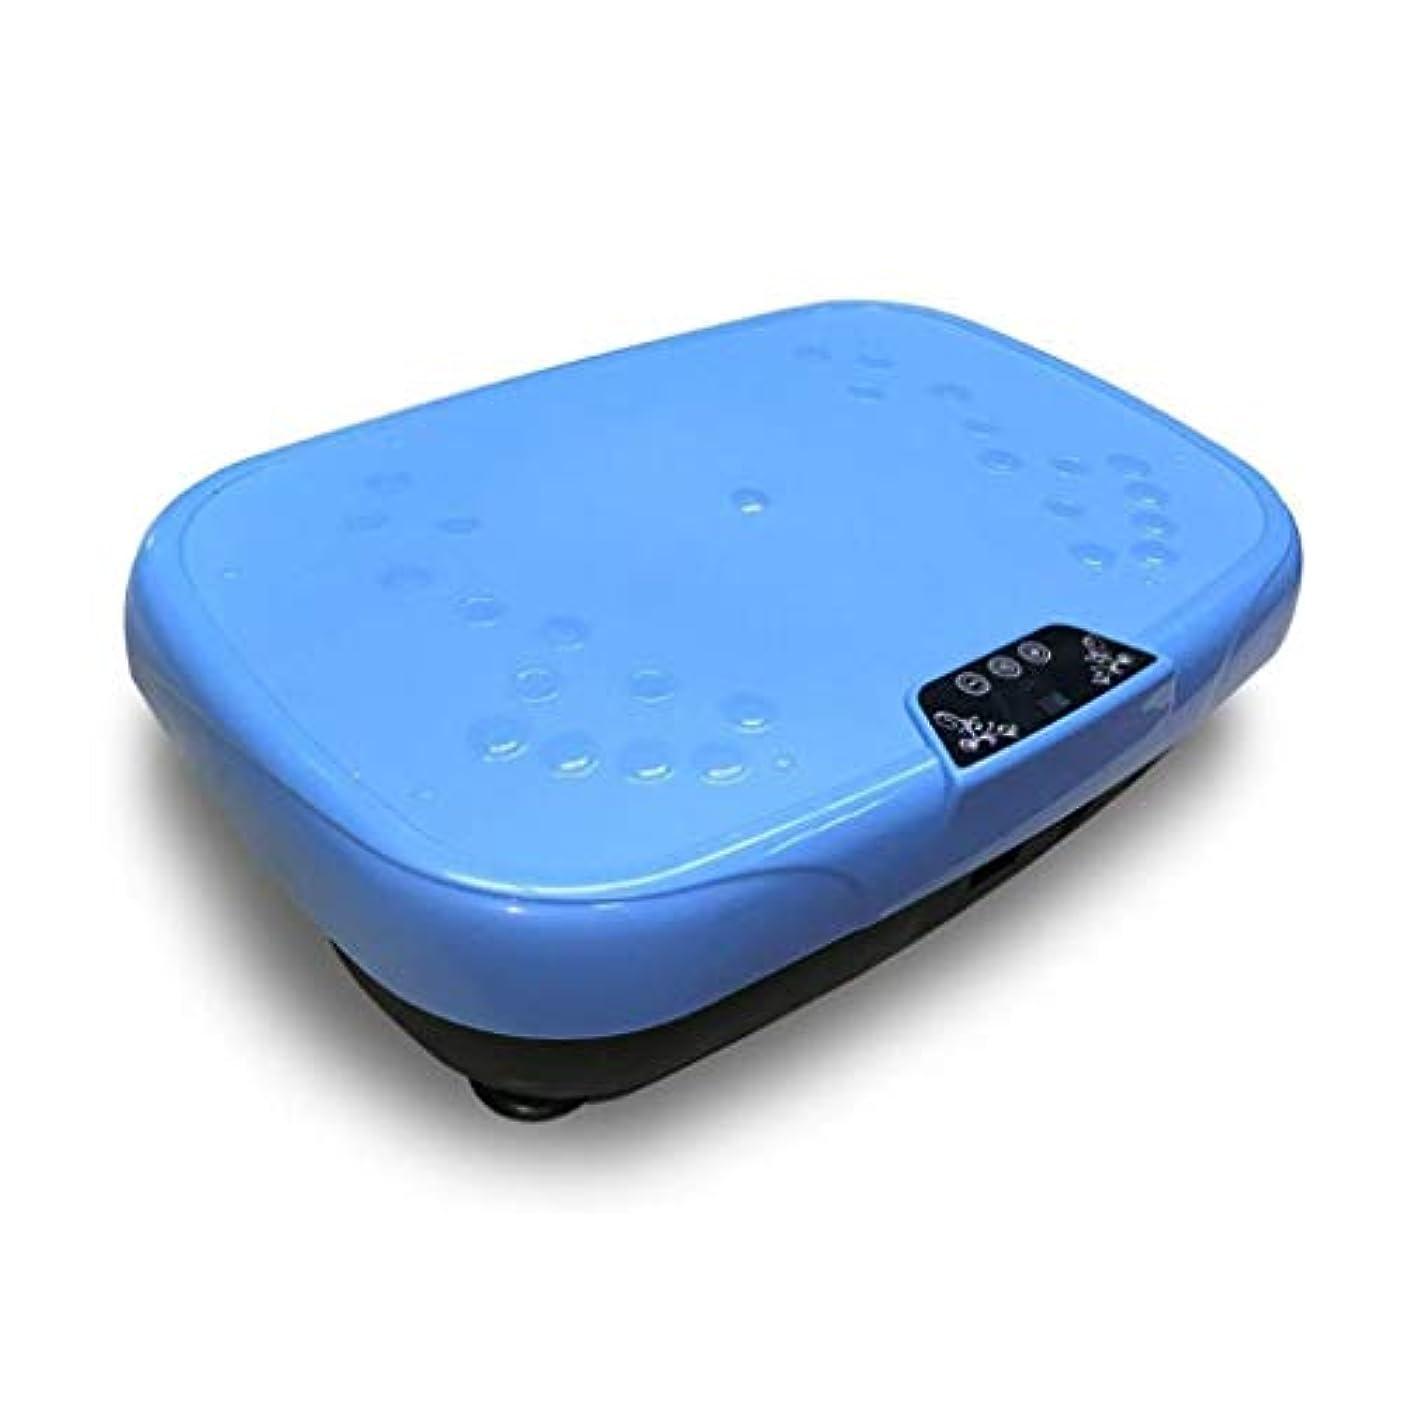 敬付属品歌詞3D減量機、スポーツ振動フィットネスモデリング減量機、Bluetoothスピーカー、家族/ジム、ホームオフィス減量に適しています